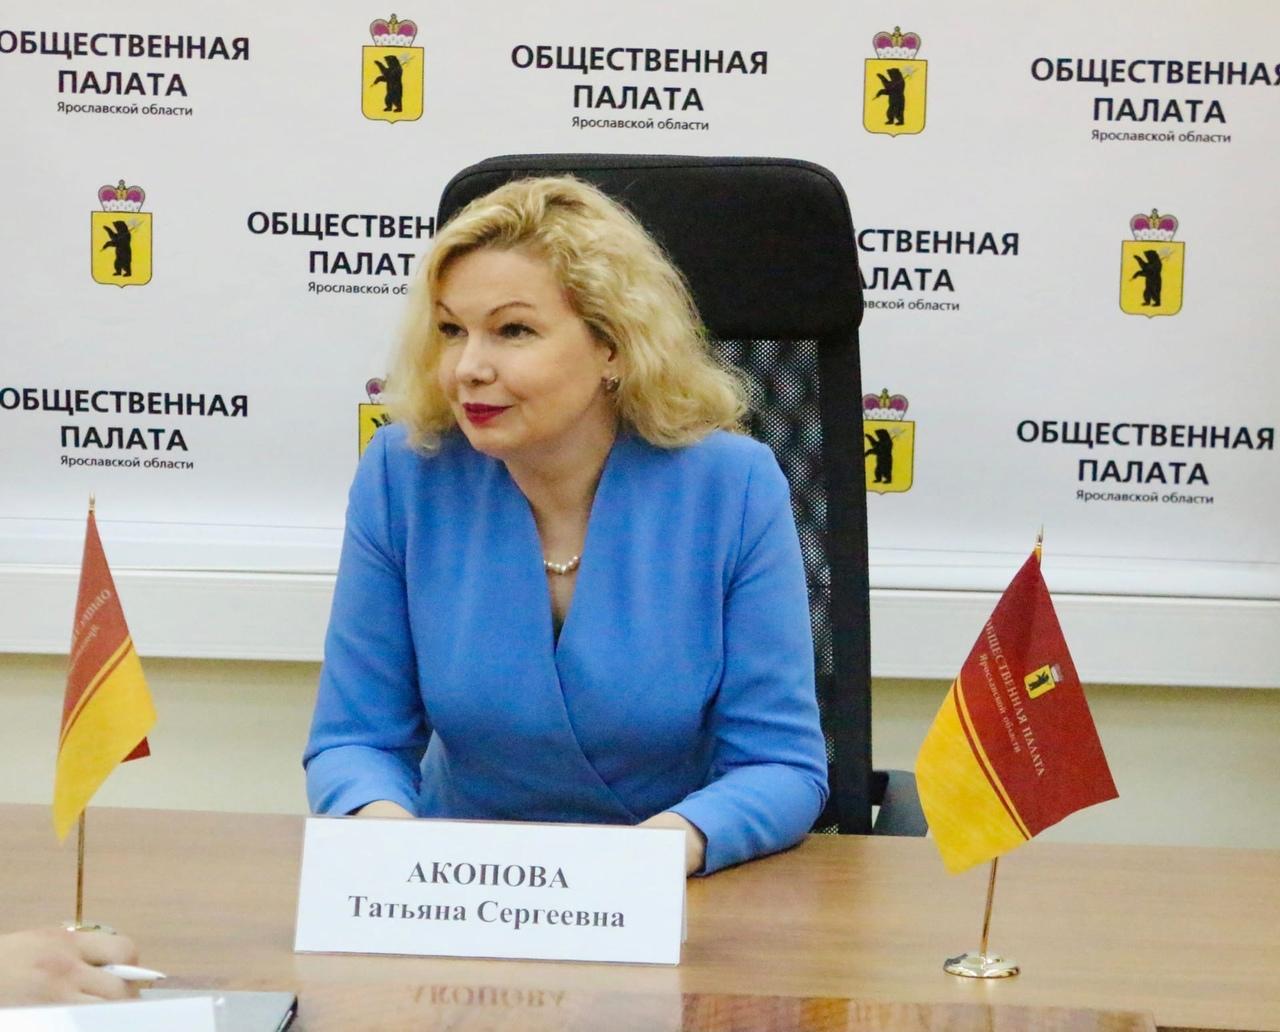 Почти 50 тысяч жителей Ярославской области уже проголосовали дистанционно на выборах в Госдуму